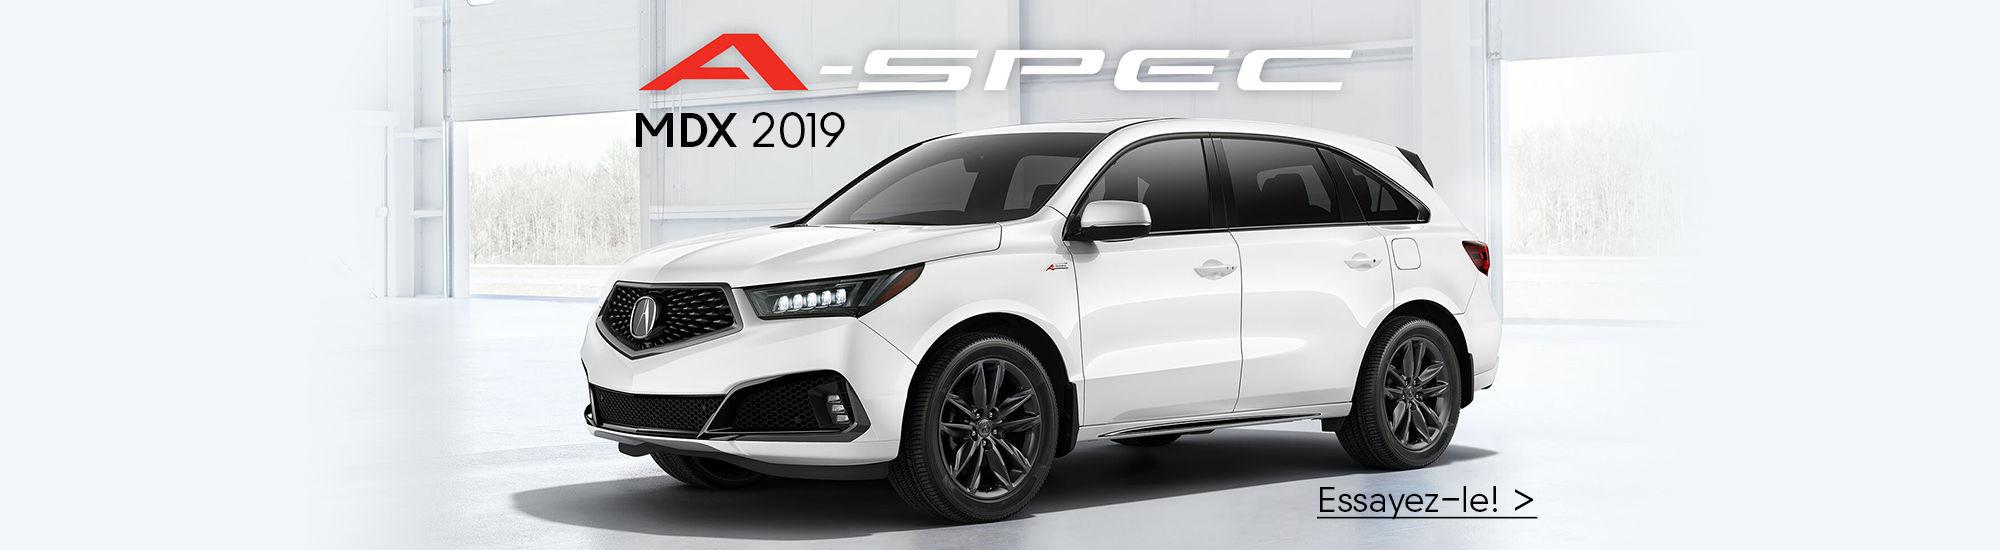 MDX 2019 A-Spec